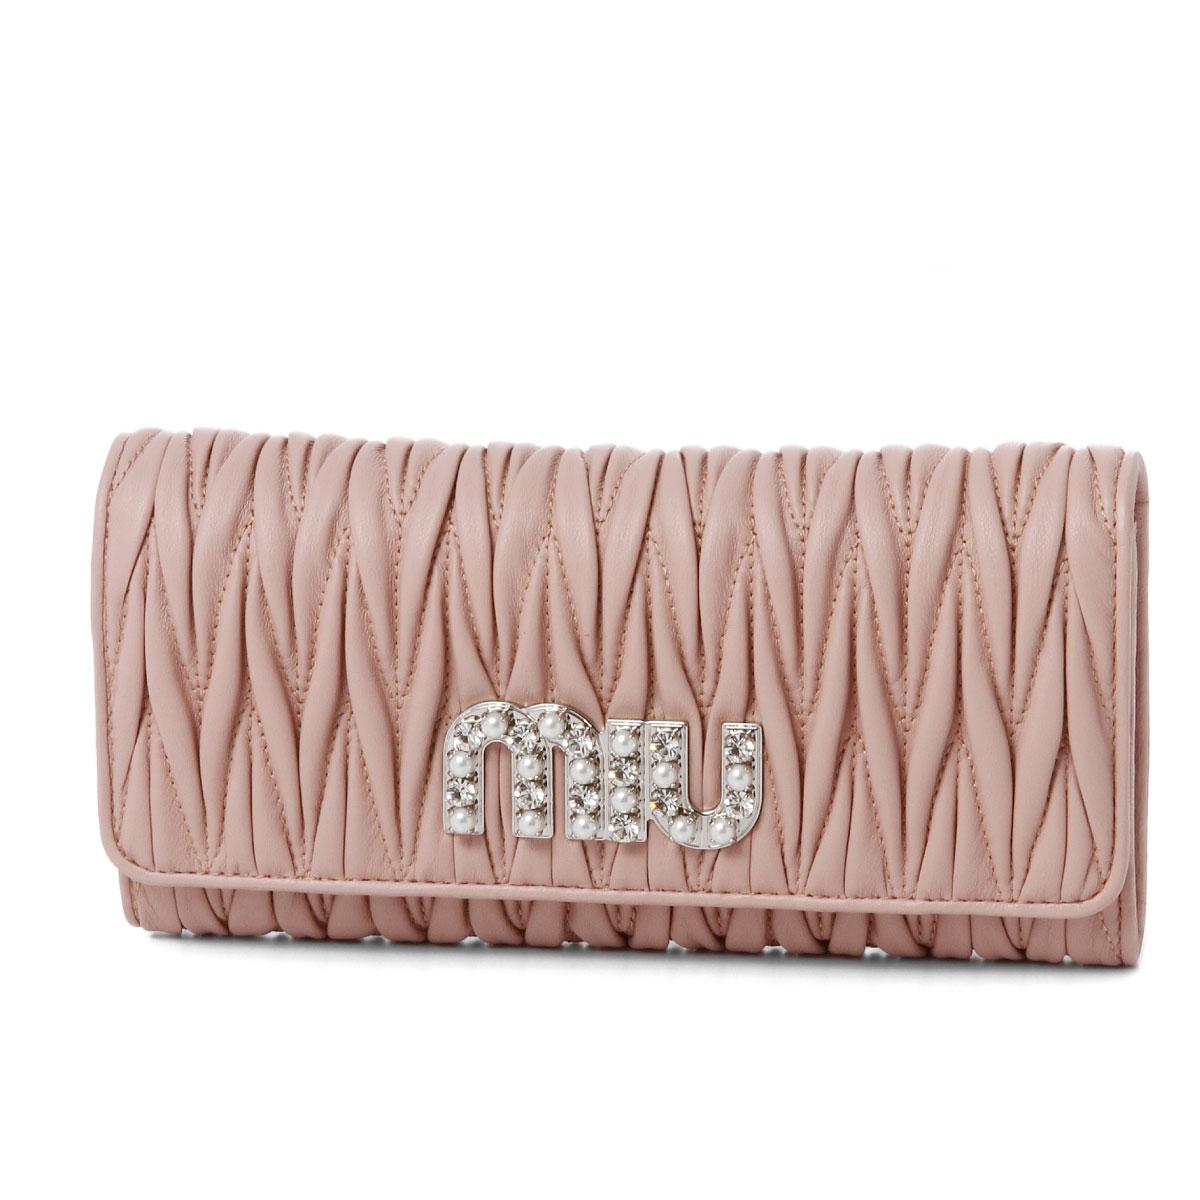 ミュウ ミュウ MIU MIU 財布 レディース 5MH109 2BSQ F0615 二つ折り長財布 MATELASSE MIU C ORCHIDEA ピンク